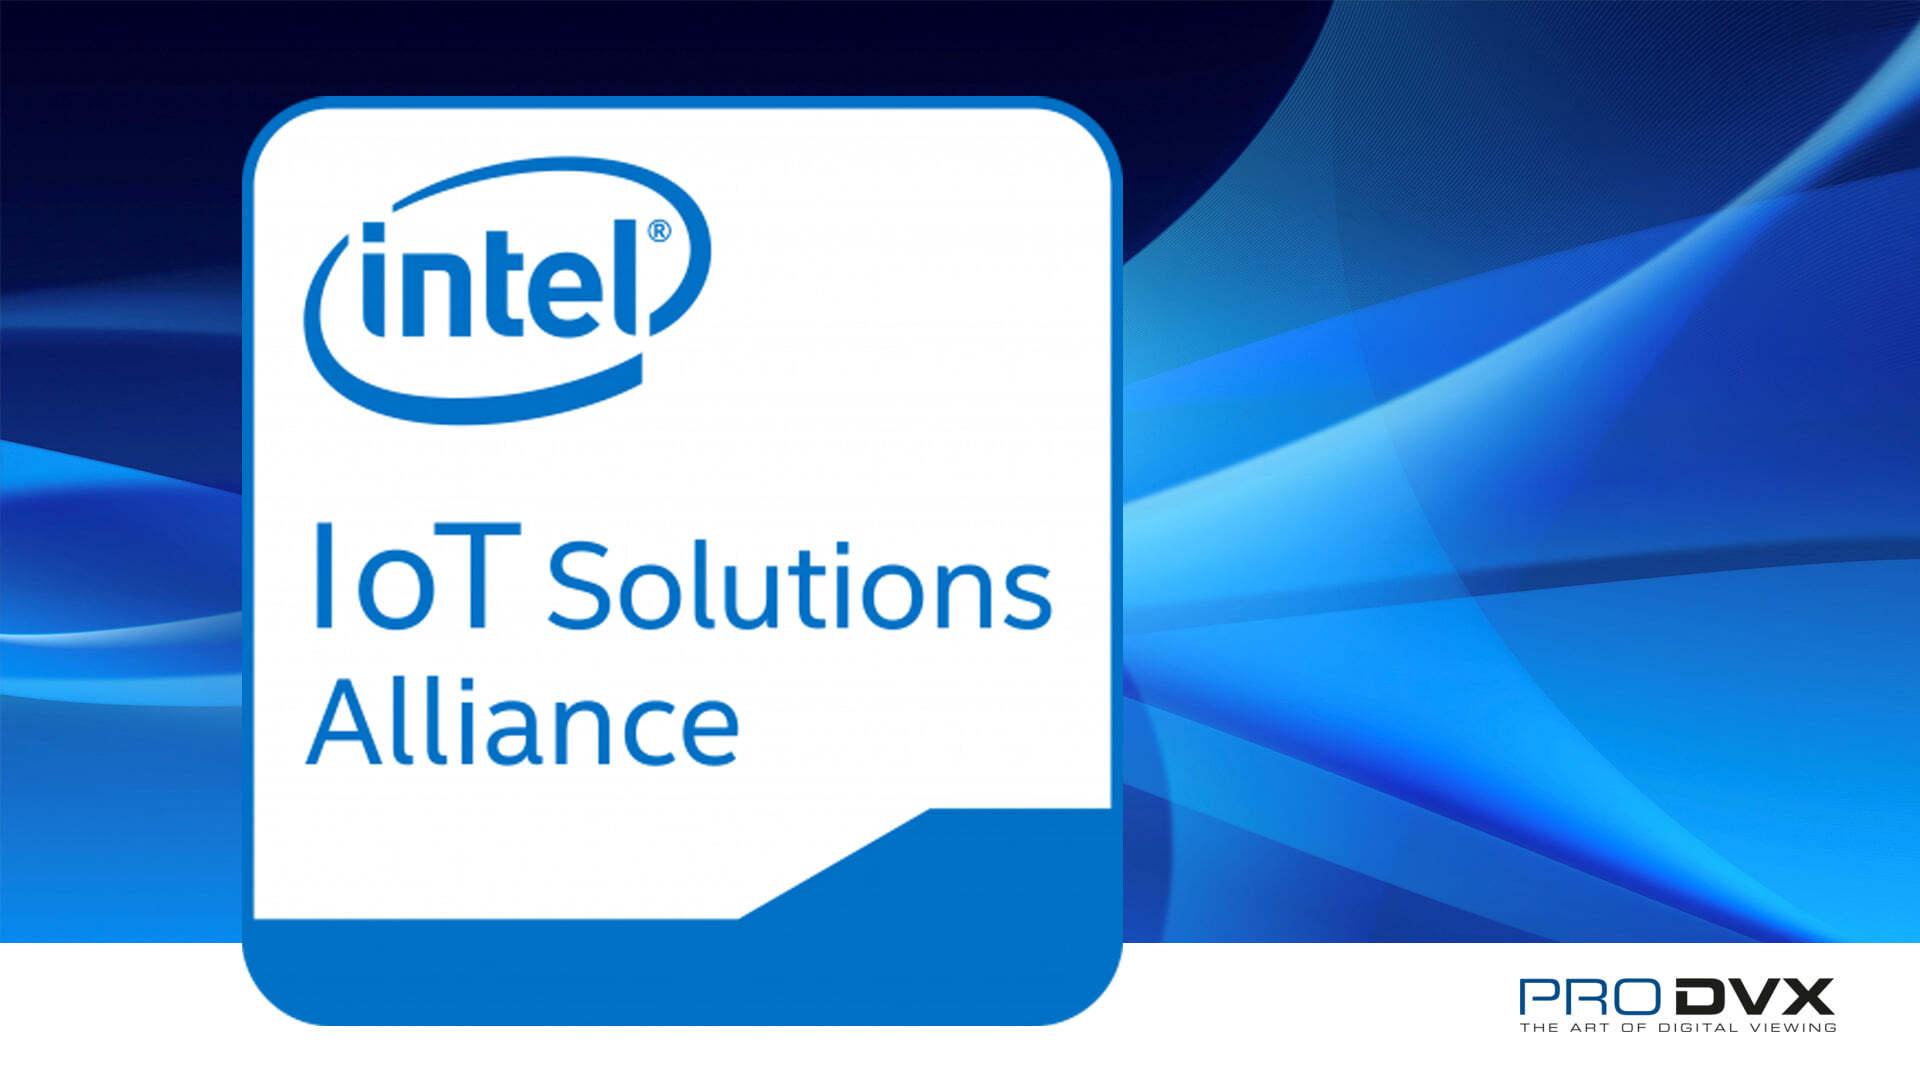 Intel IoT Alliance